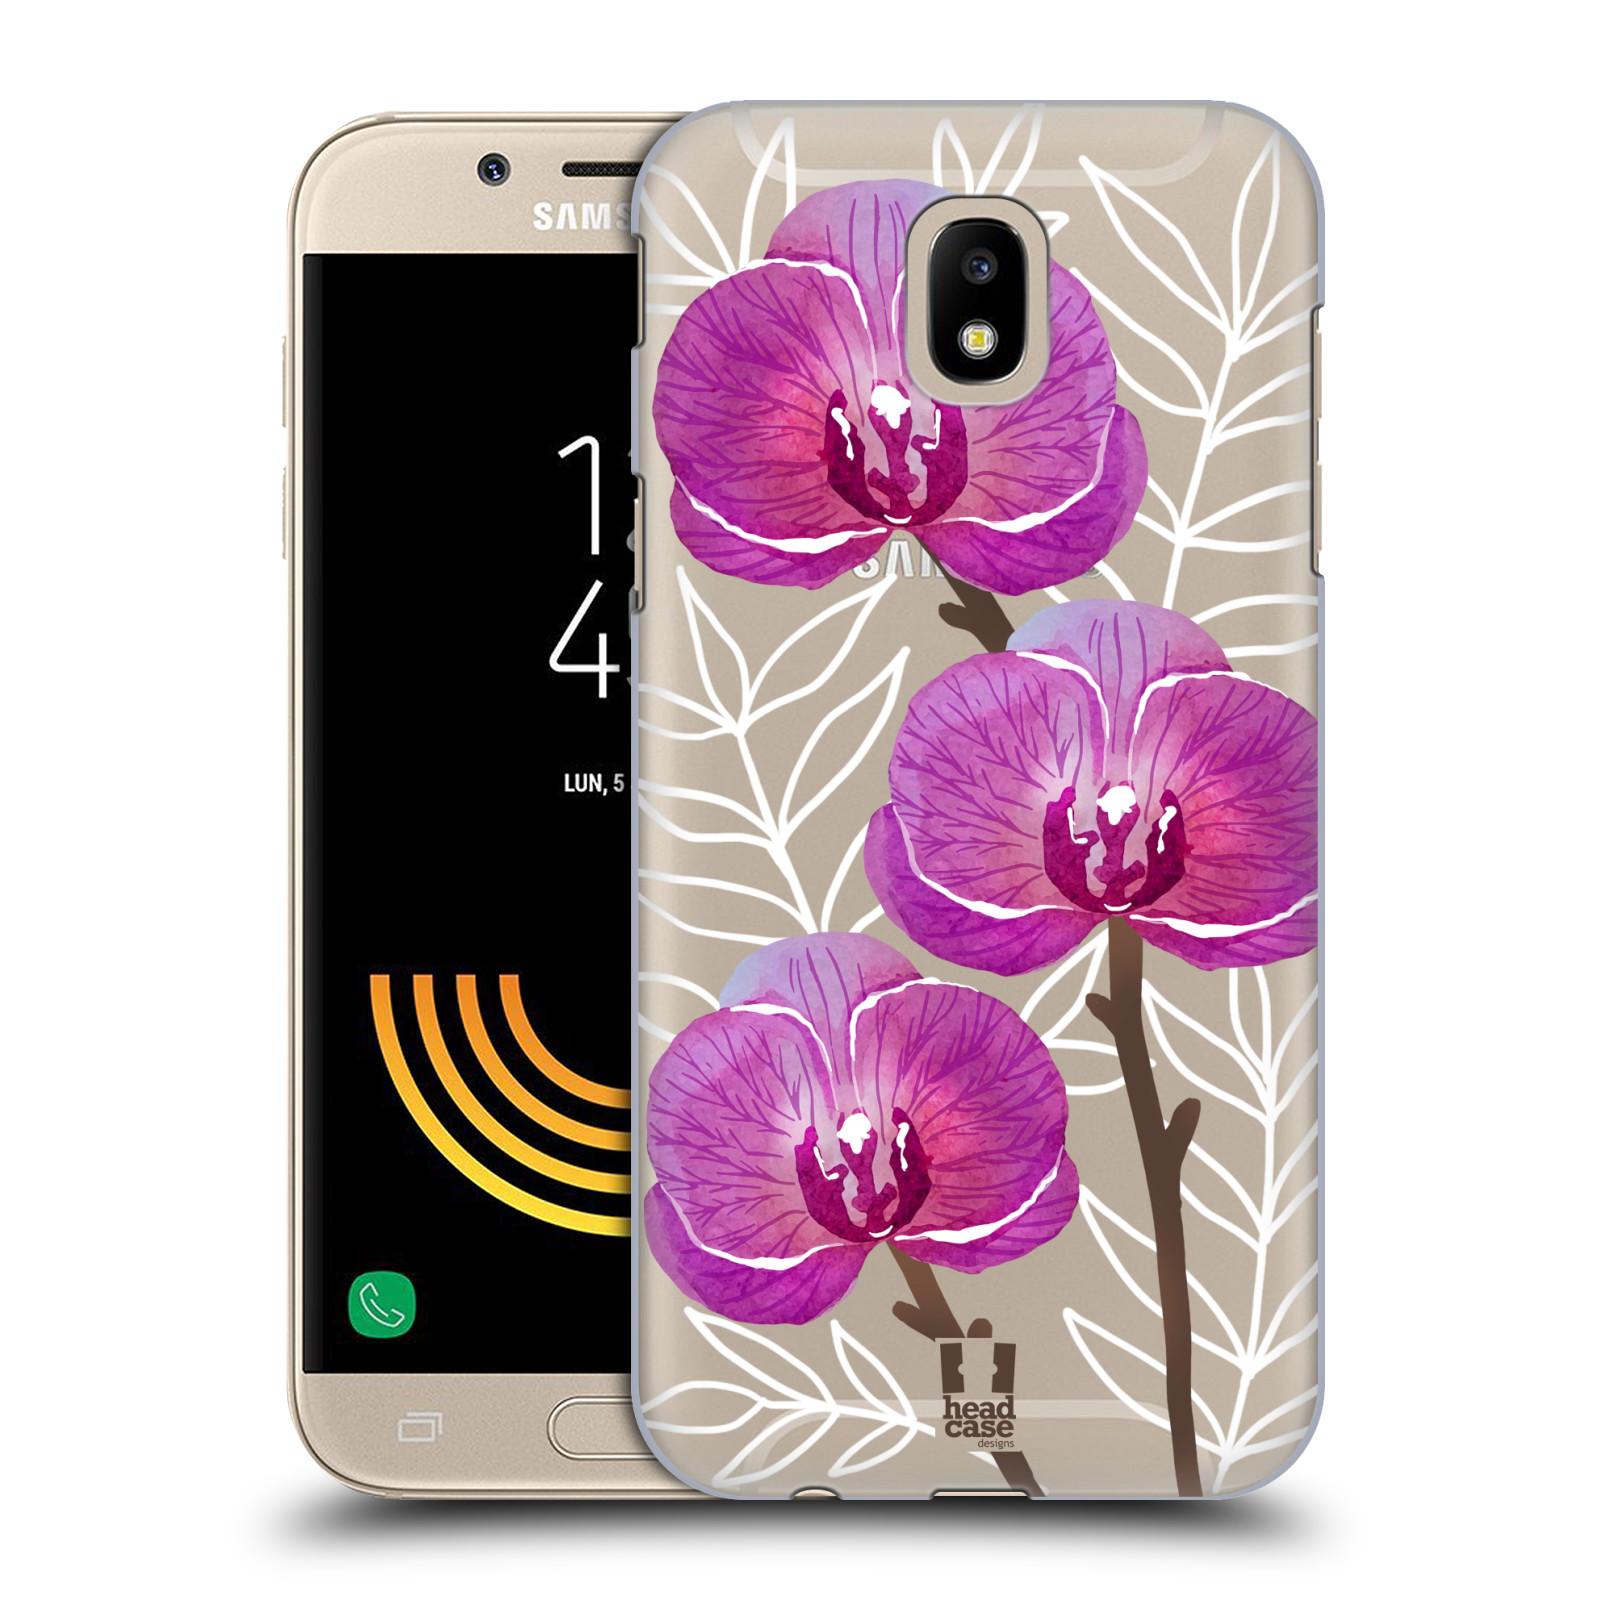 Plastové pouzdro na mobil Samsung Galaxy J5 (2017) - Head Case - Hezoučké kvítky - průhledné